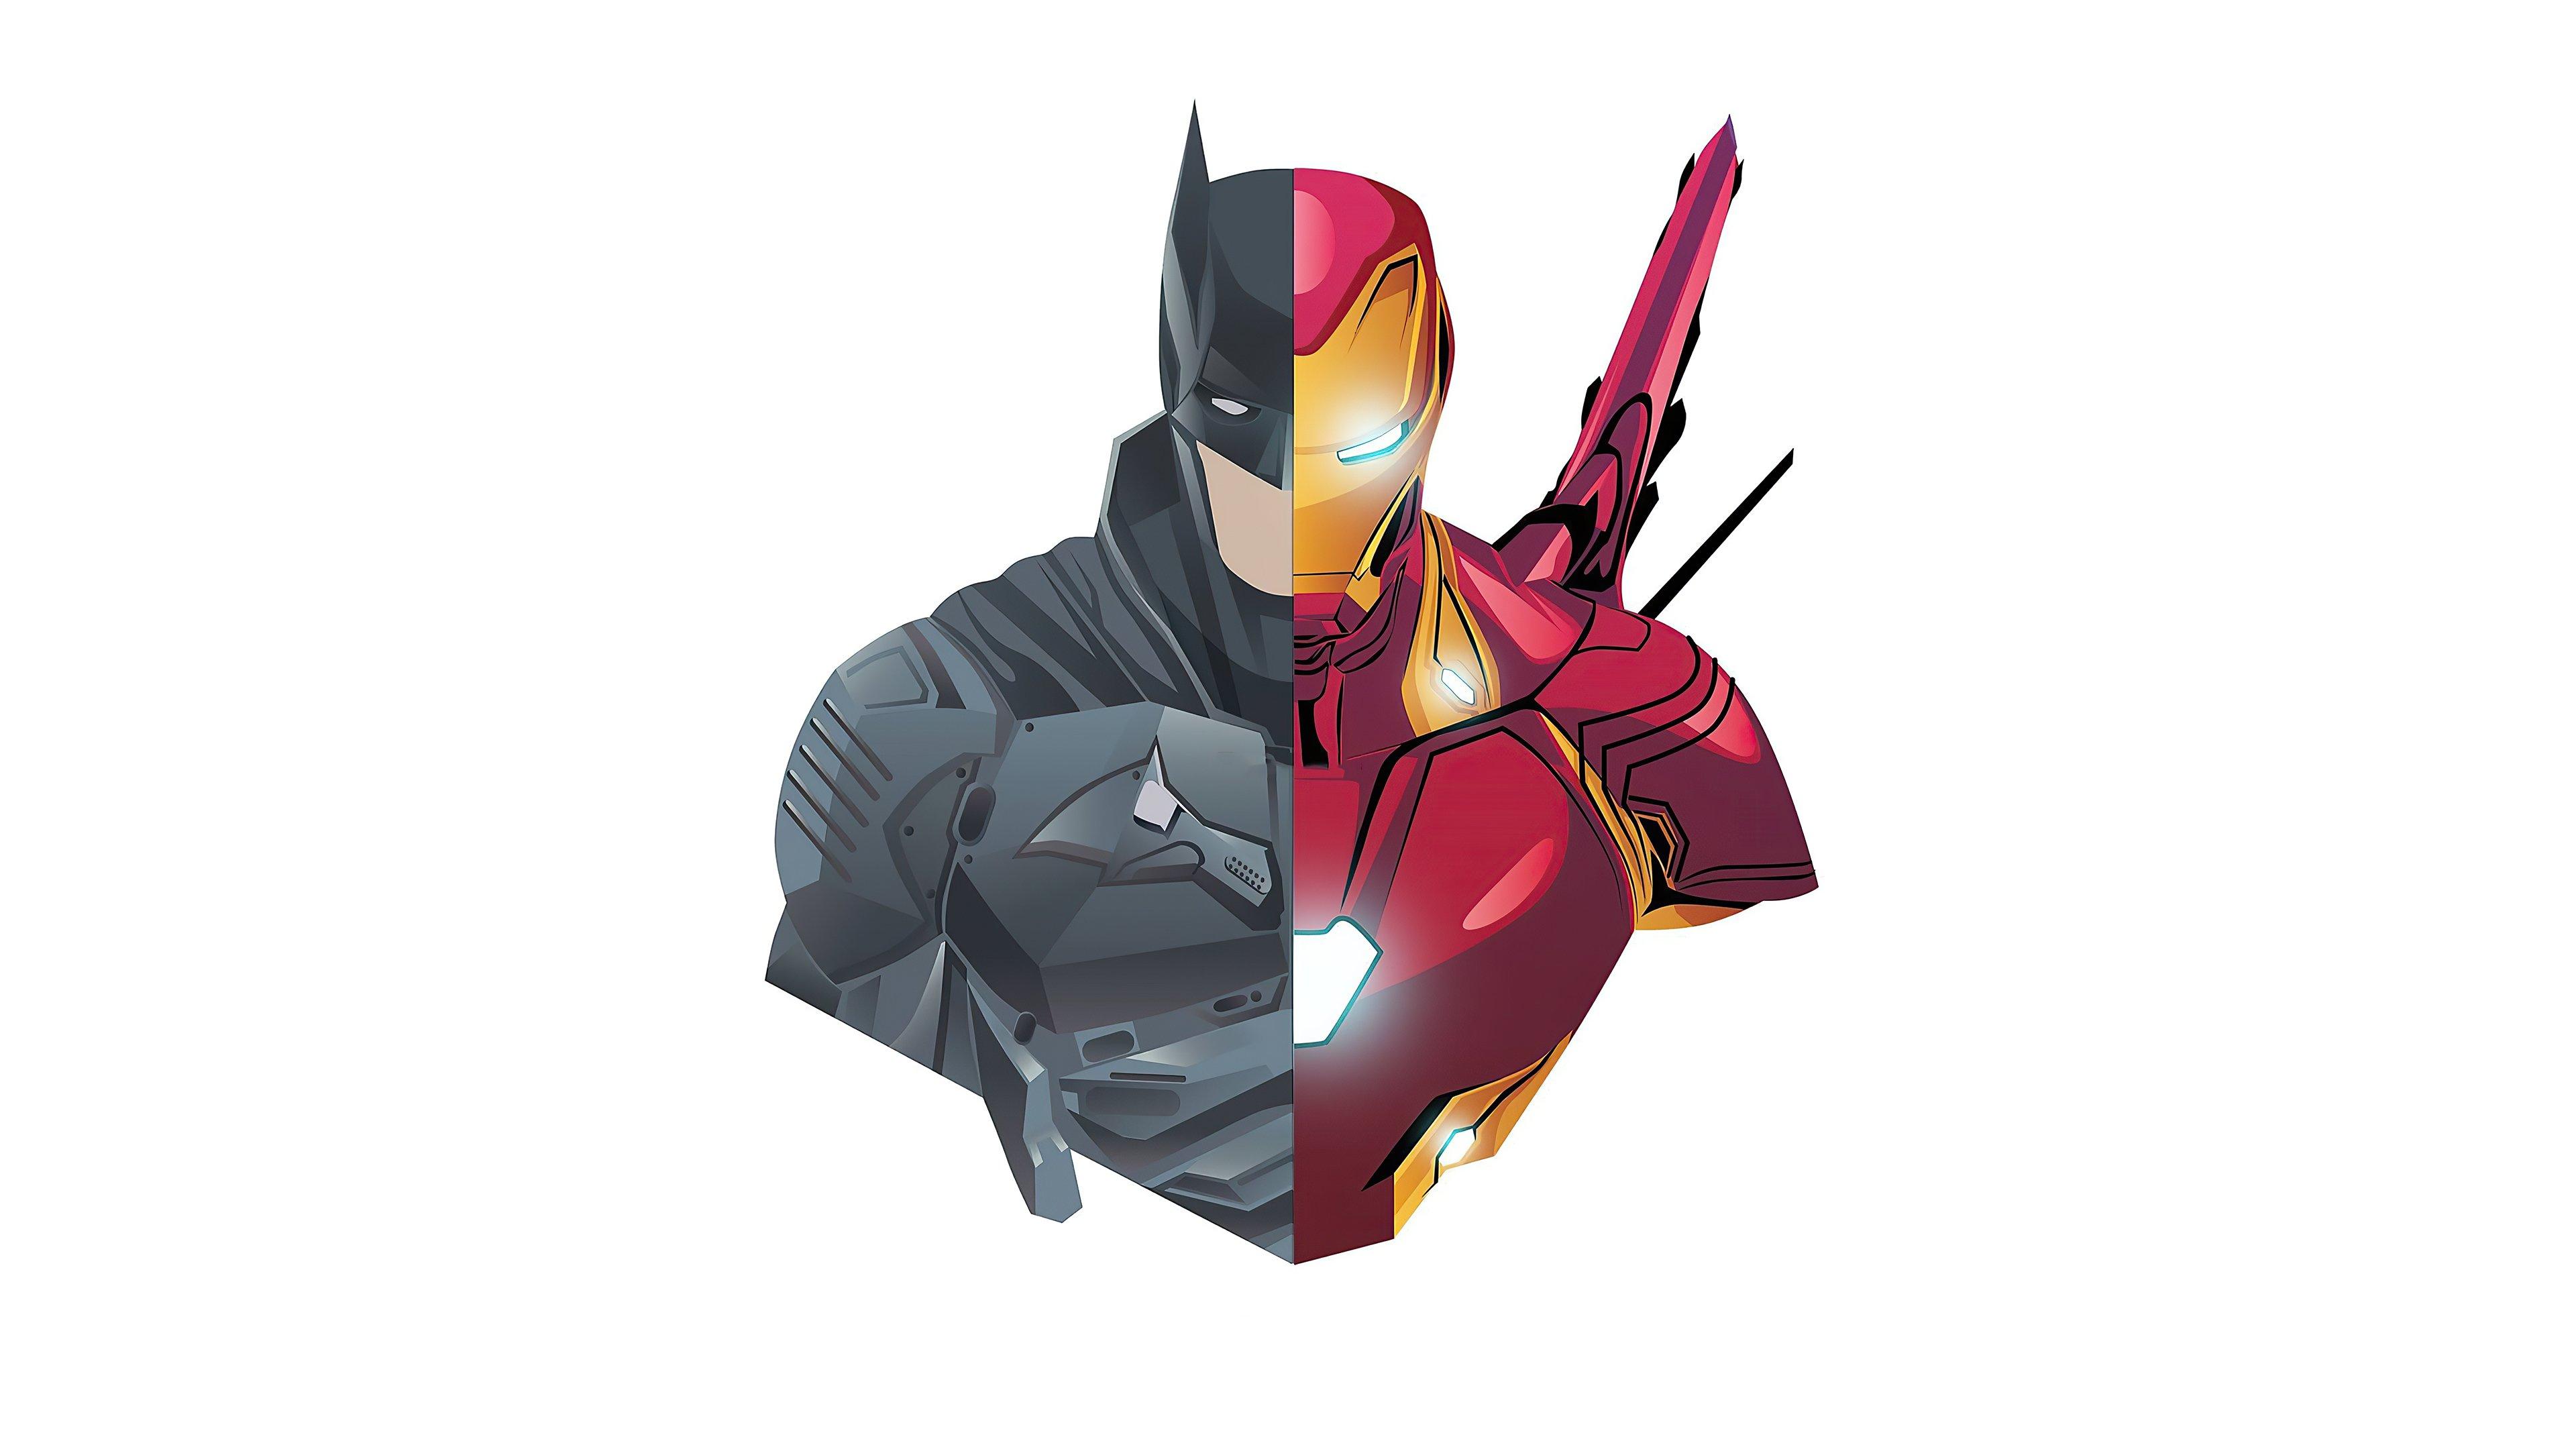 Fondos de pantalla Batman y Iron Man en estilo minimalista